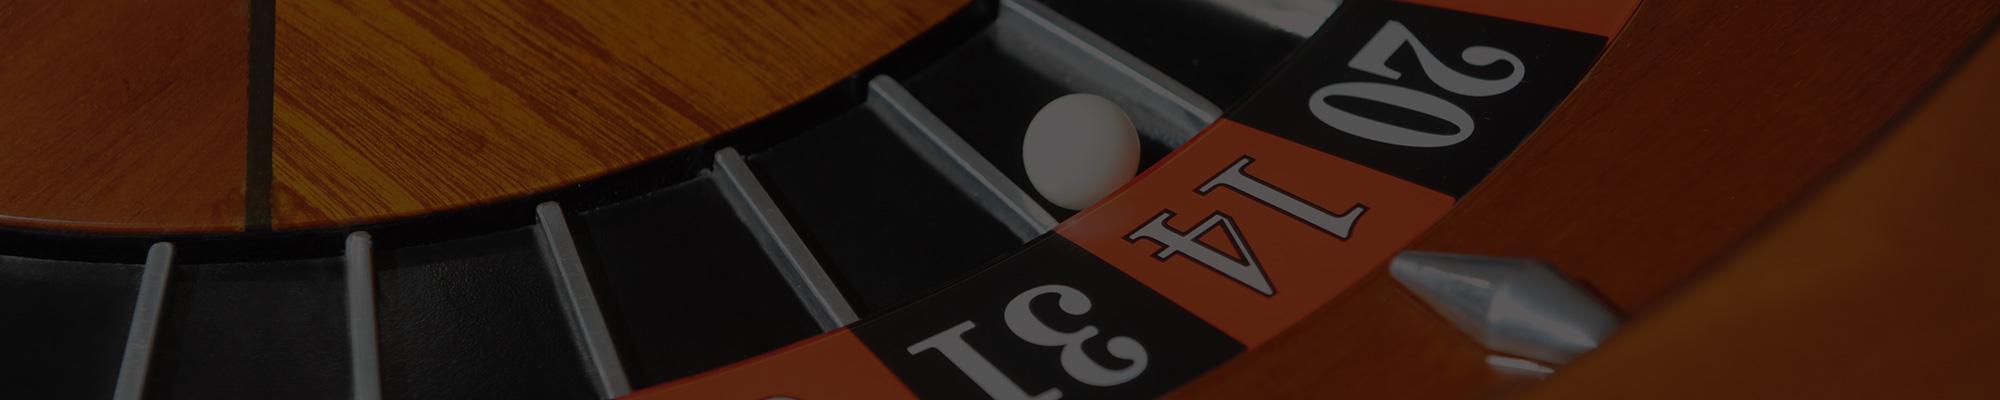 slide-casino-roulette-background1